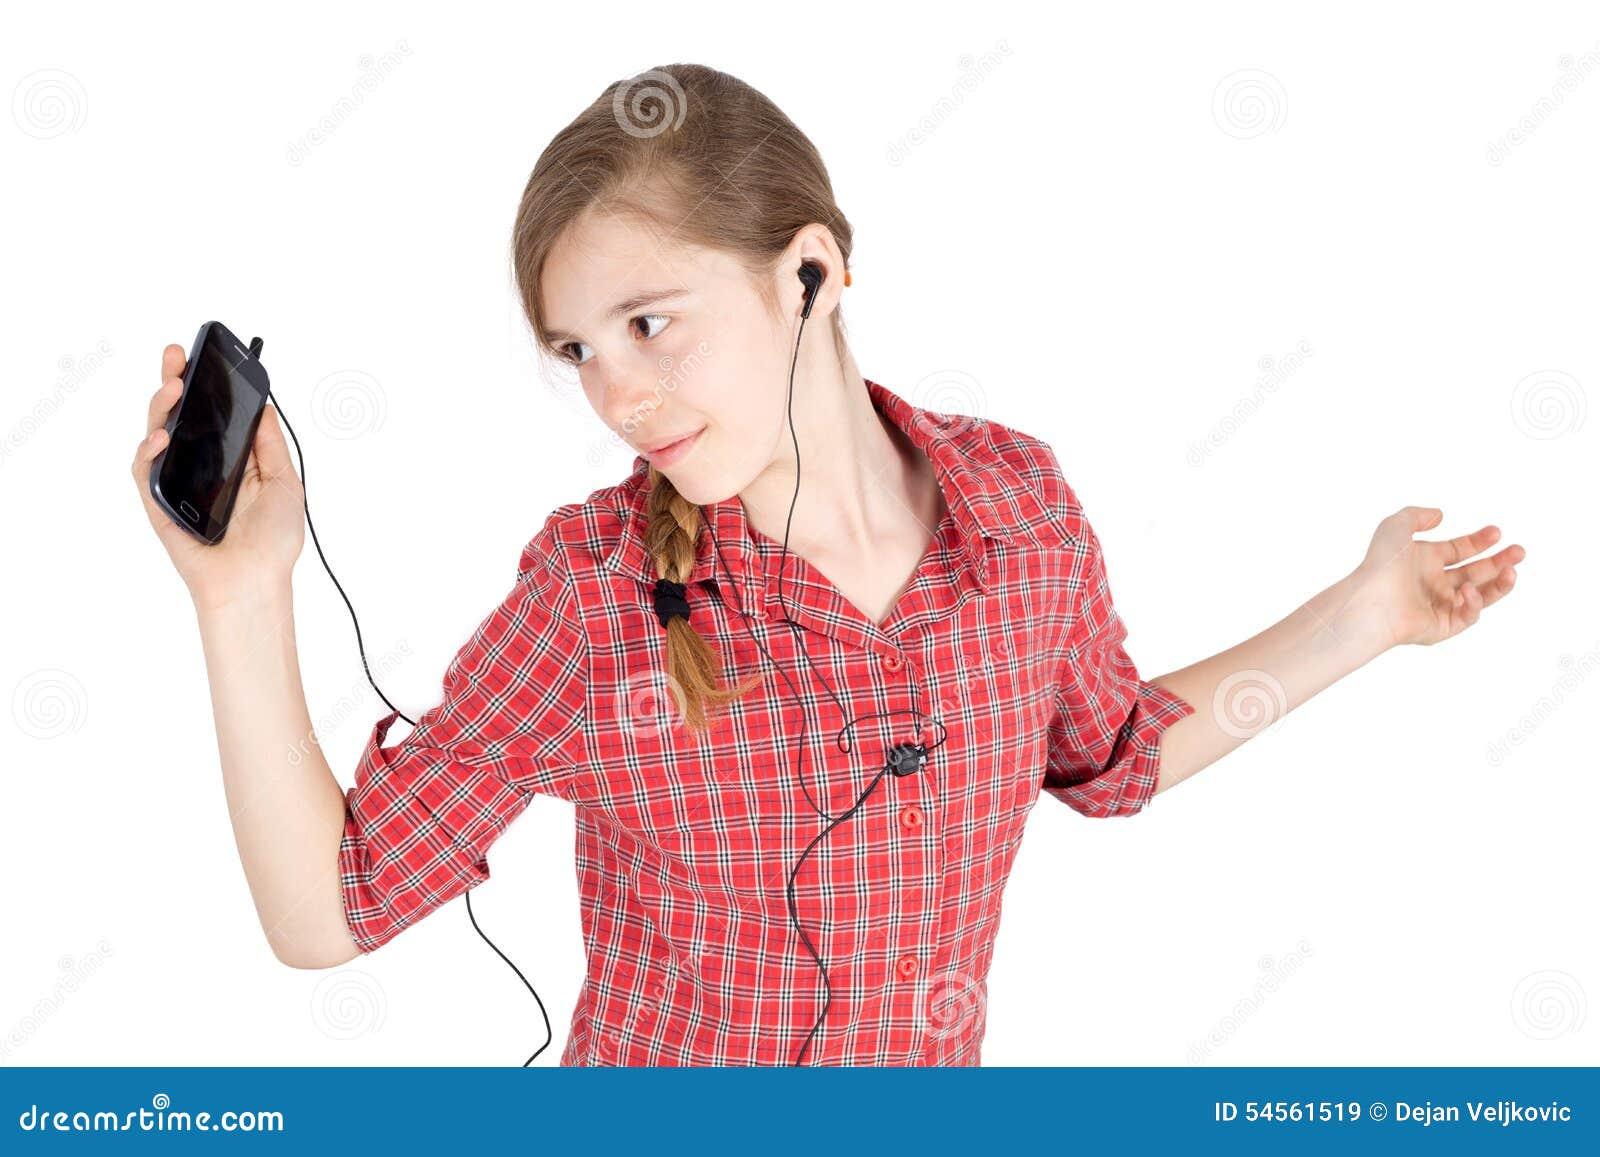 jeune fille de sourire avec couter tendu par bras la musique sur son t l phone portable et la. Black Bedroom Furniture Sets. Home Design Ideas